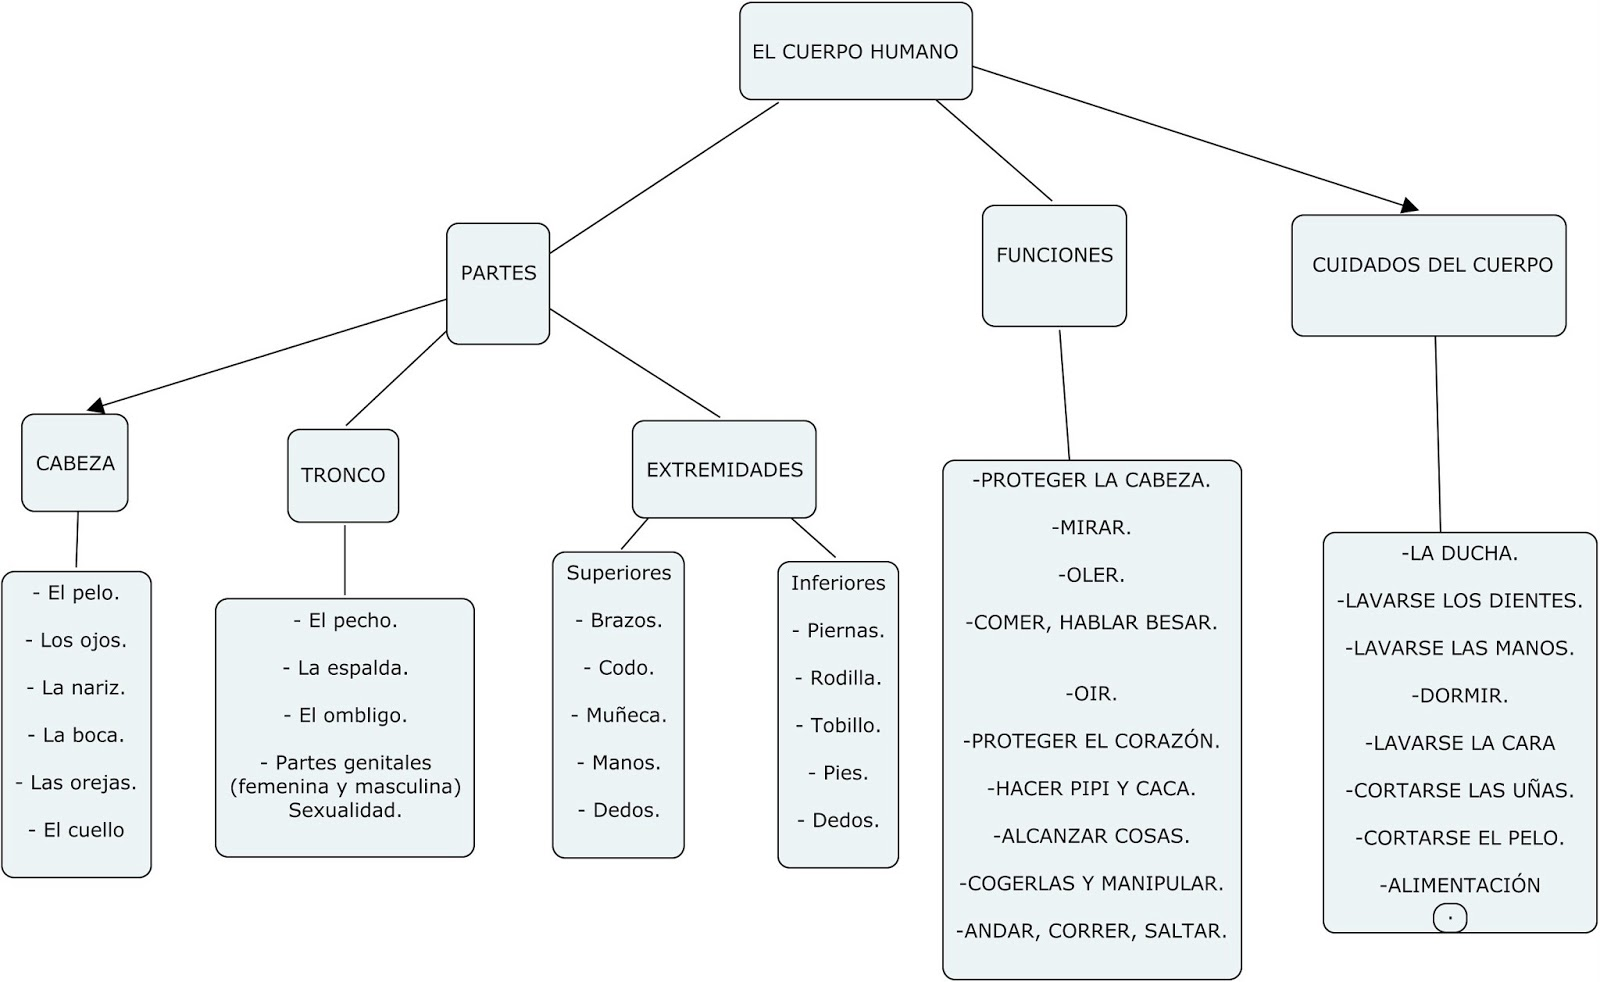 Asombroso Mapa De Los órganos Del Cuerpo Humano Viñeta - Imágenes de ...